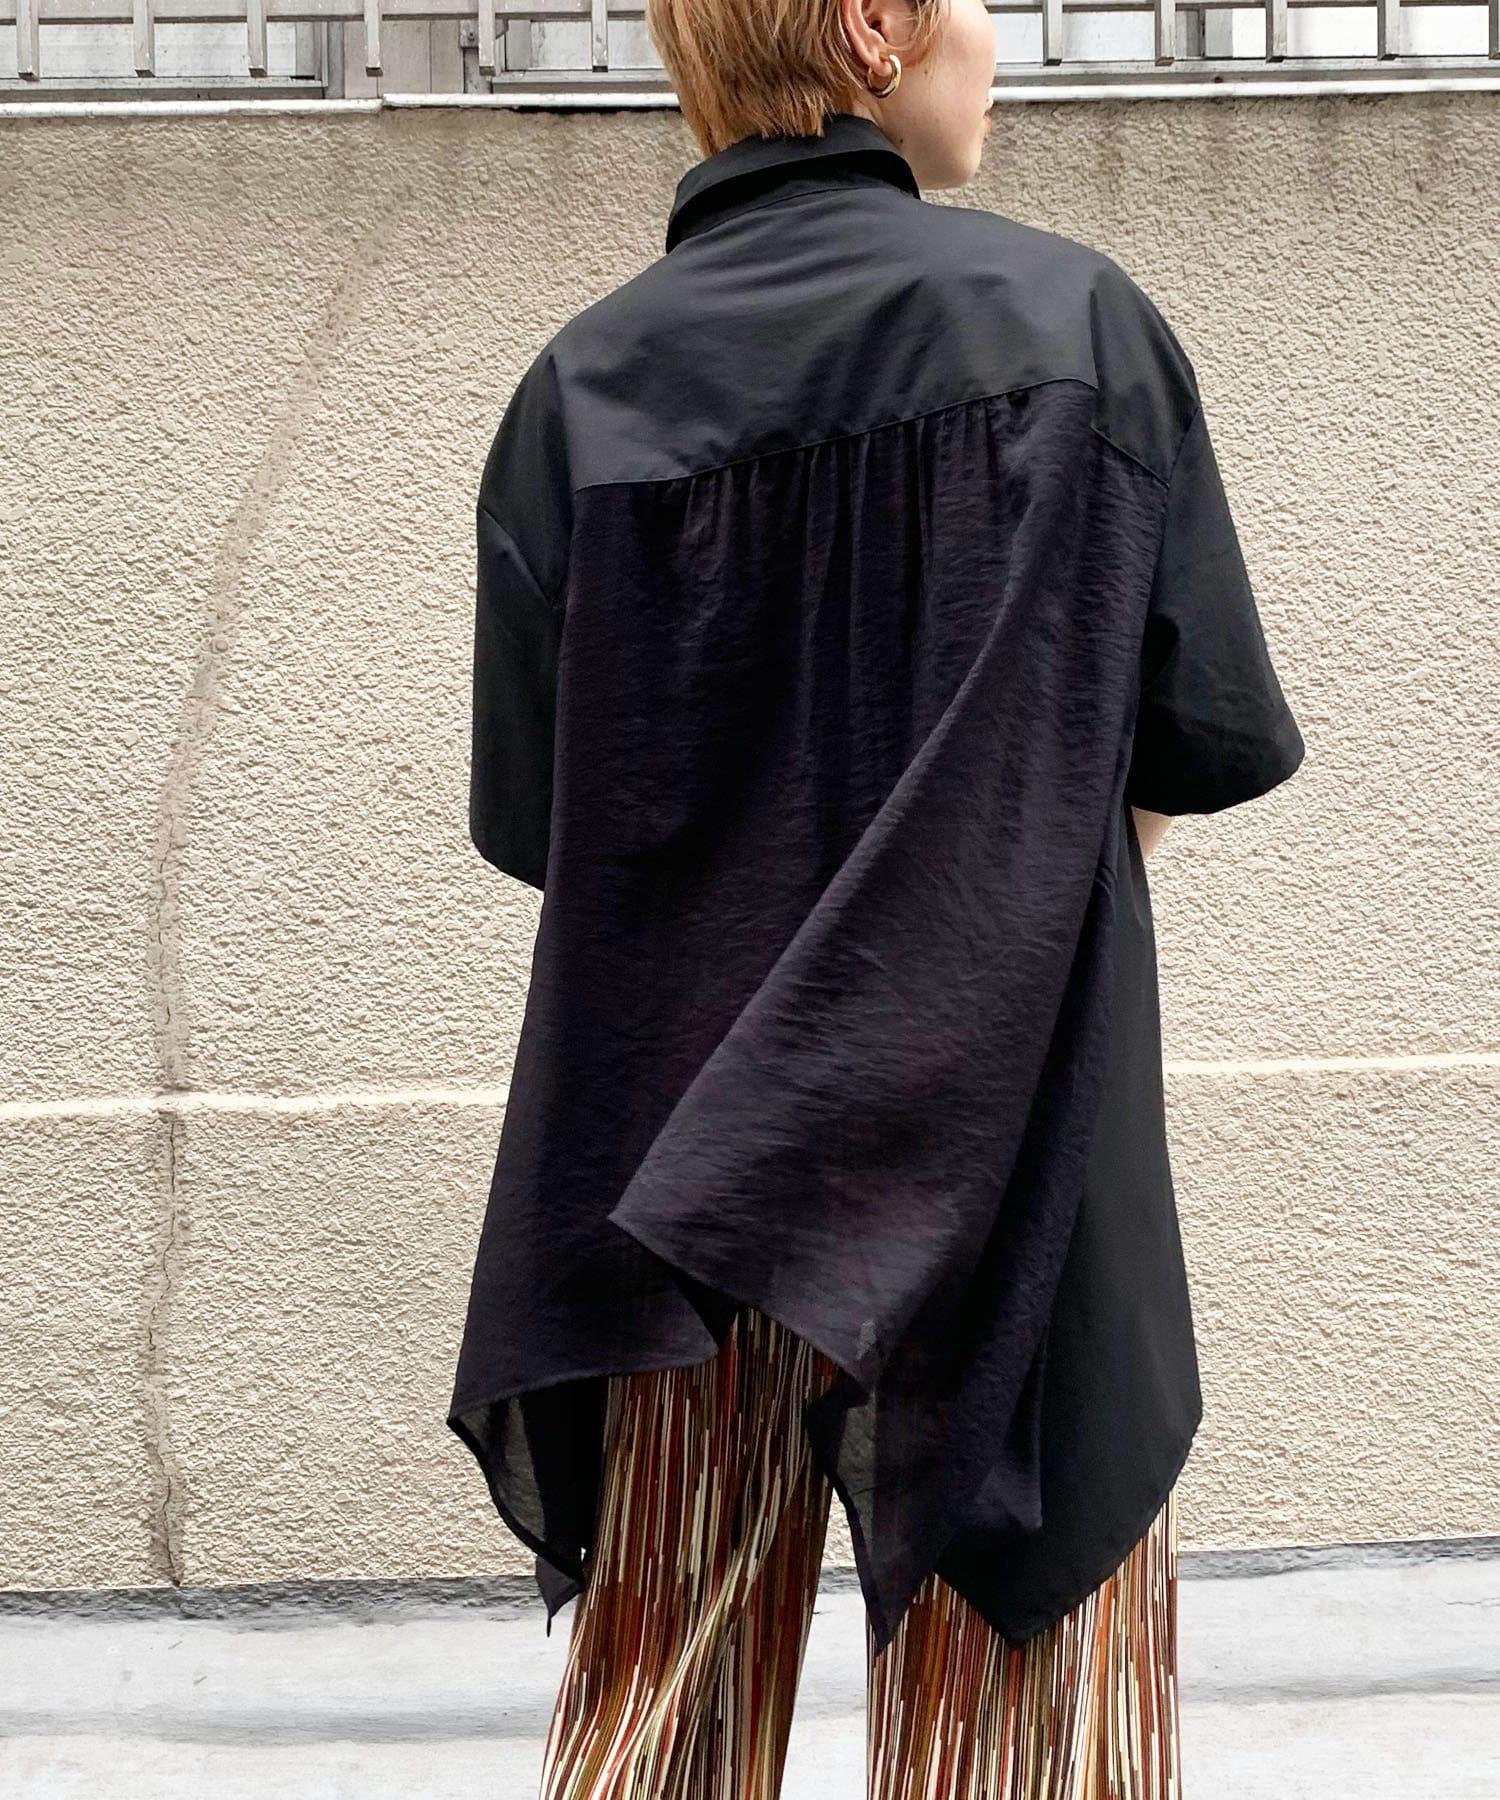 Thevon(ゼヴォン) 【WEB限定】バックシアーイレヘムシャツ